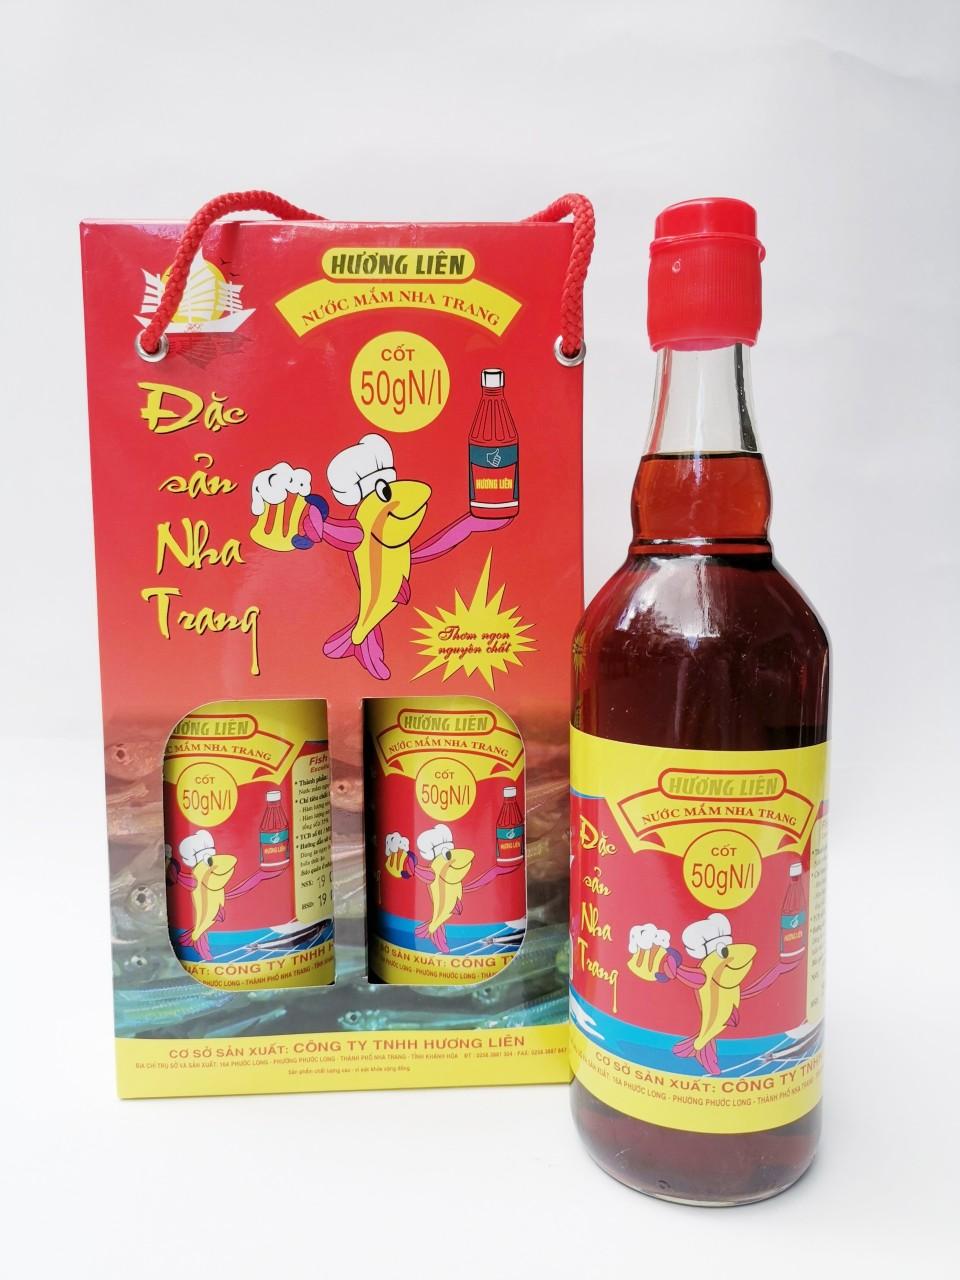 Hộp 2 chai 50 đạm (500ml) - Nước mắm nhĩ cá cơm Nha Trang Hương Liên